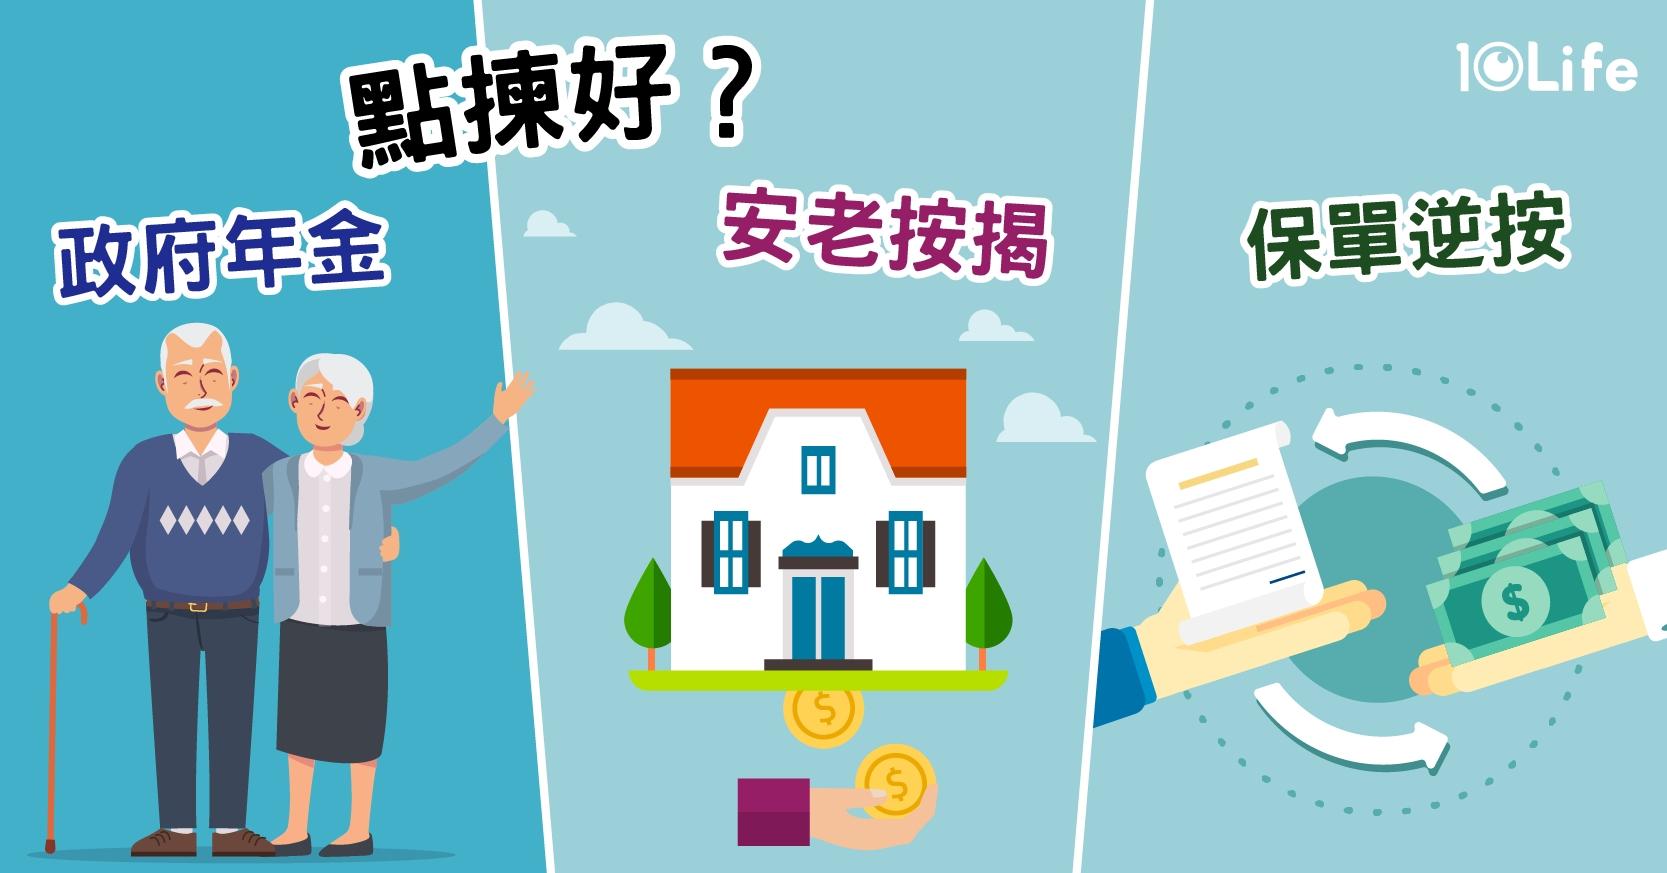 保險比較平台10Life 分析香港年金、安老按揭、以及保單逆按,方便長者選擇適合自己的計劃。